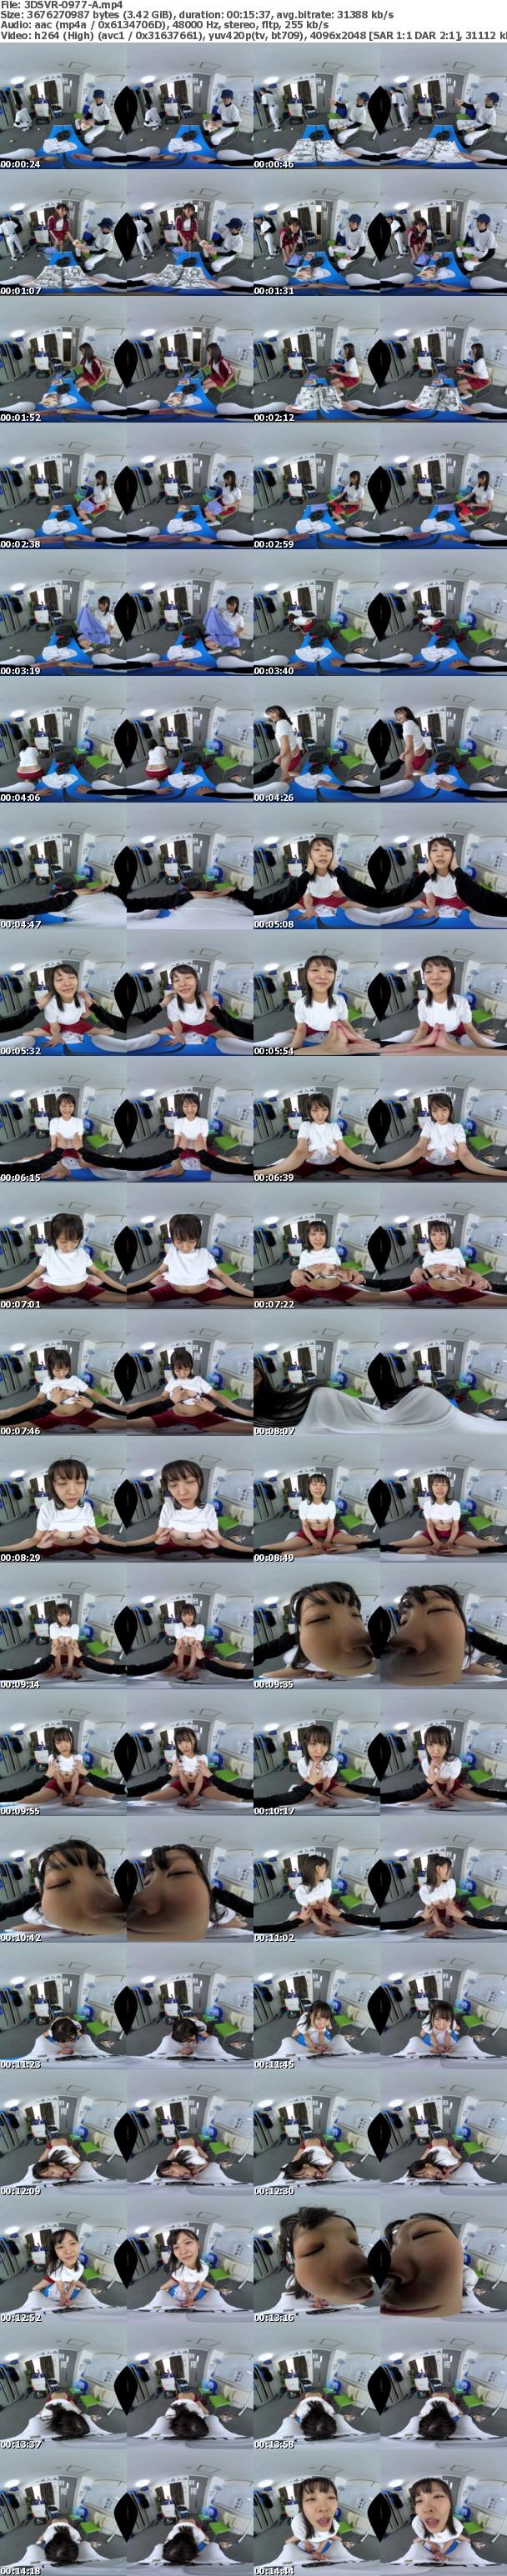 (VR) 3DSVR-0977 新アングル!地面特化VR 花門のん 「しゅきしゅき~」相思相愛な激カワな彼女とだいしゅきホールド青春中出し